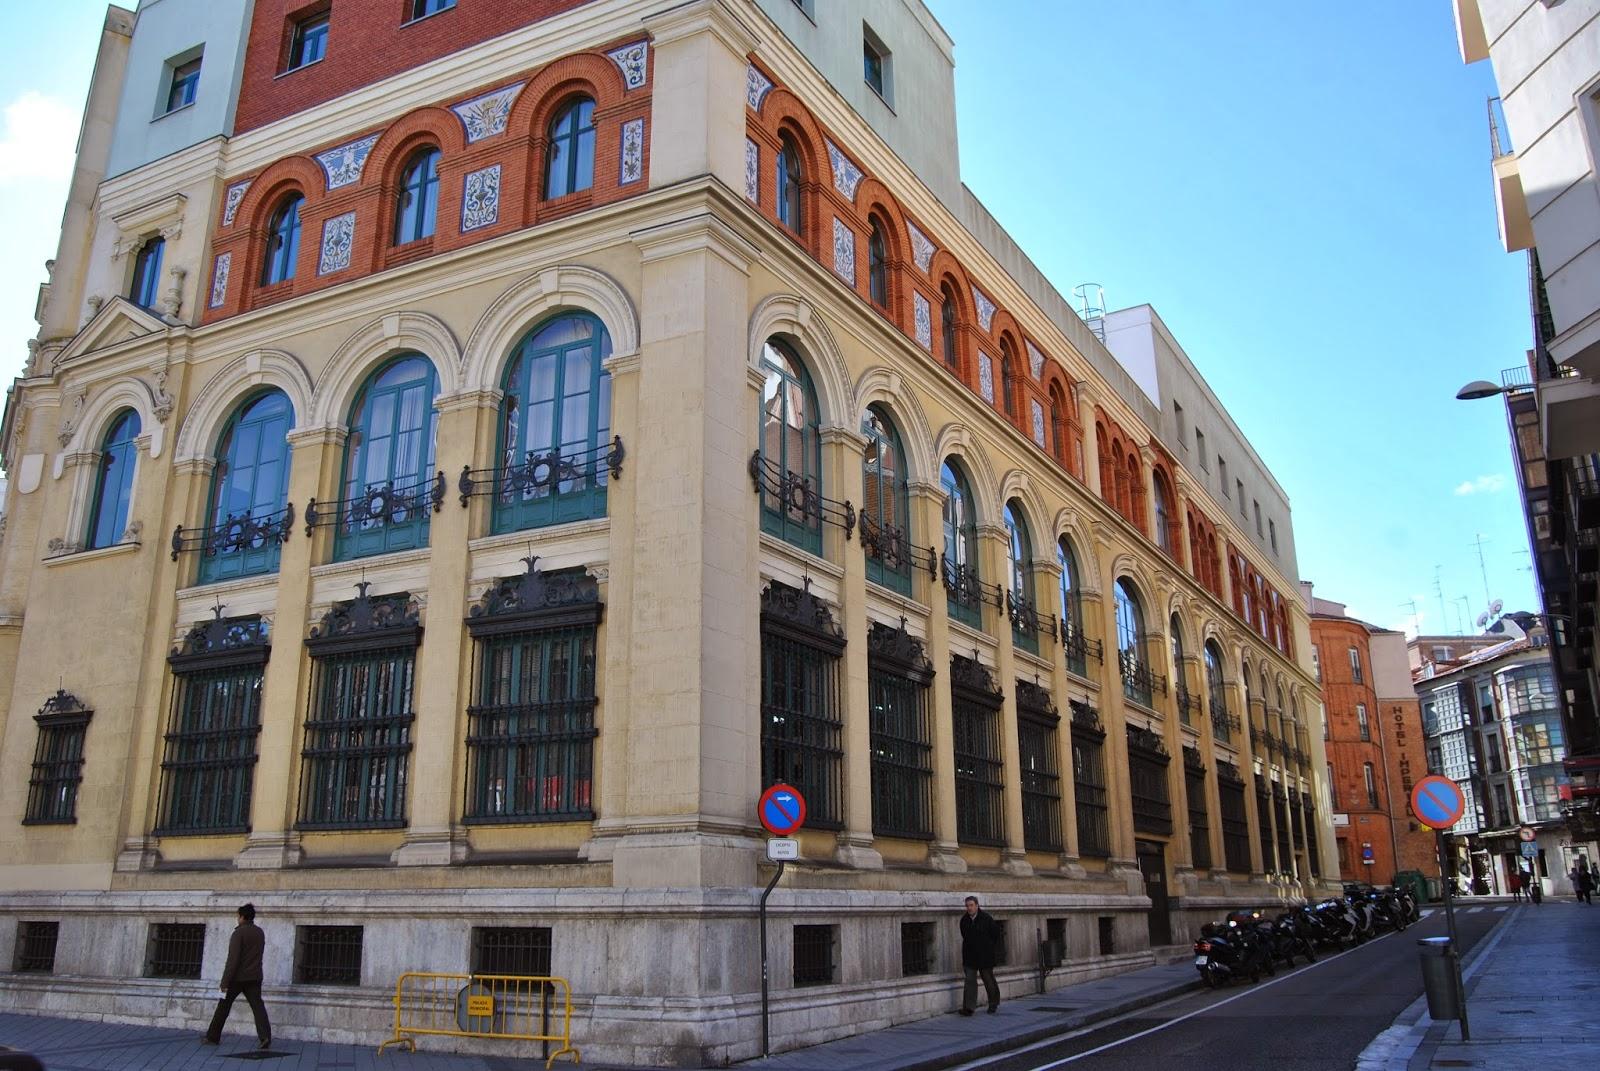 Arte en valladolid la obra del arquitecto modernista jer nimo arroyo en valladolid - Arquitectos en valladolid ...